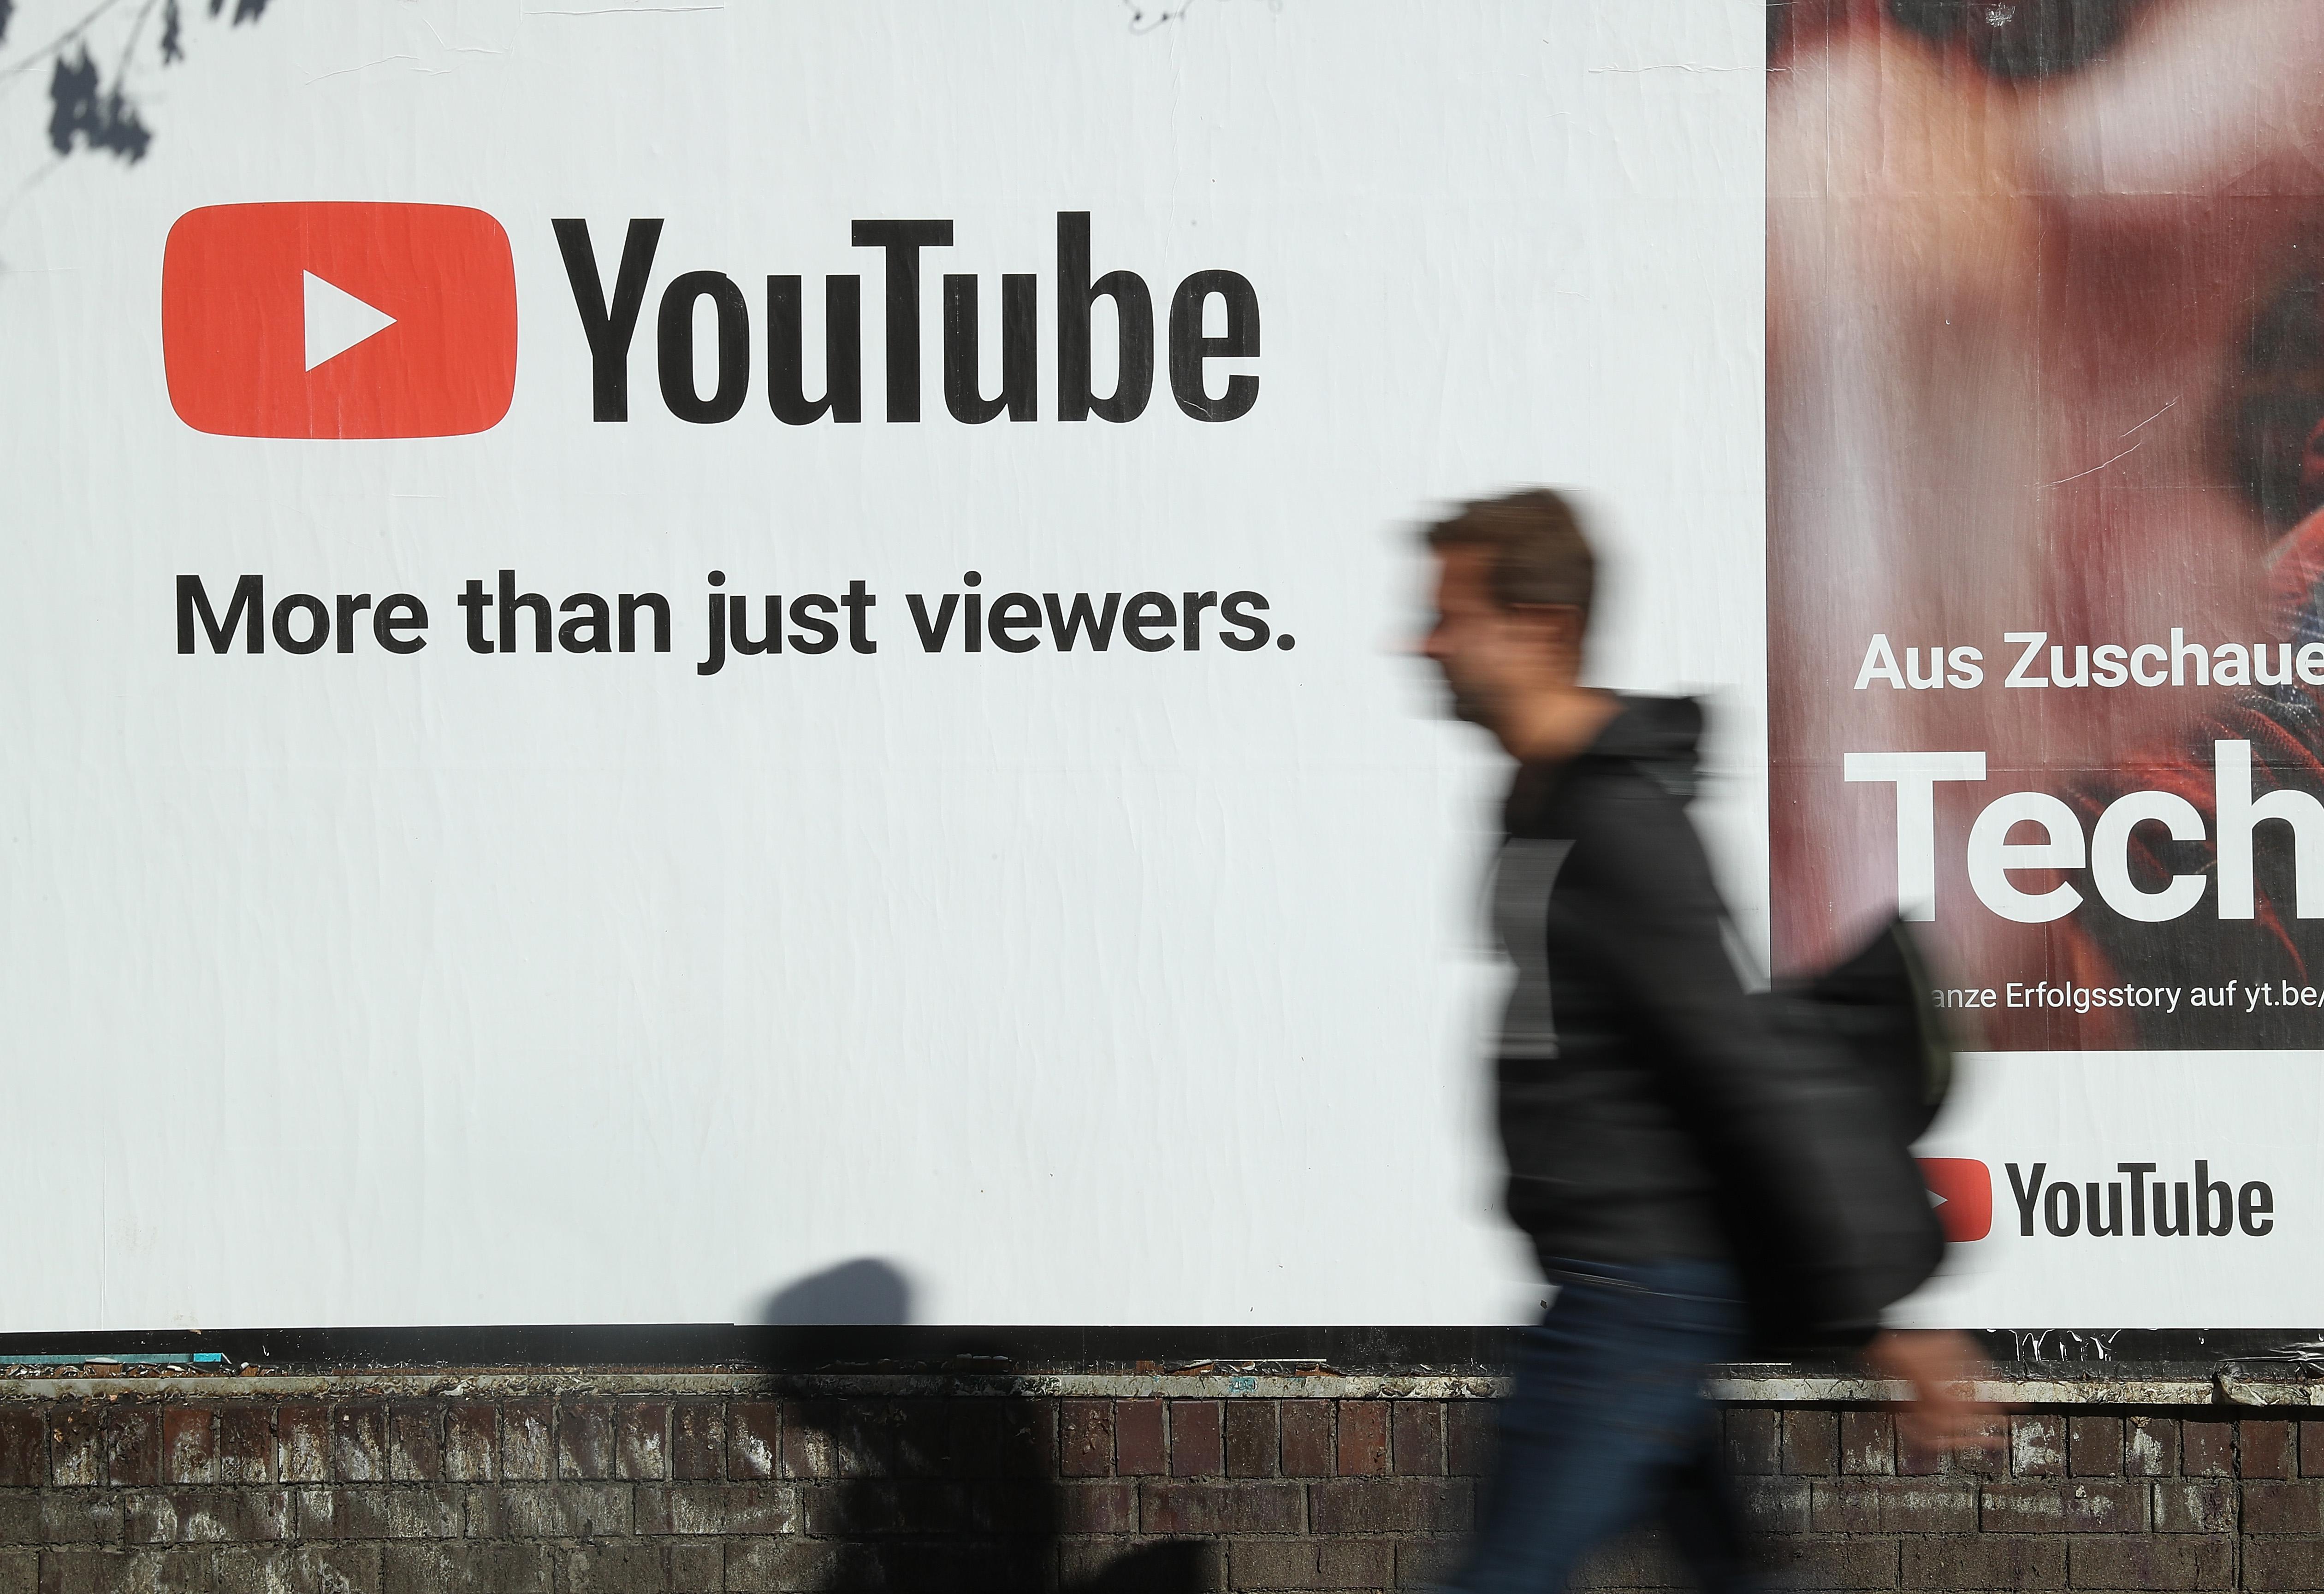 YouTube sperrt Werbung bei Coronavirus-Videos – Petition erreicht in einer Woche 60.000 Unterschriften